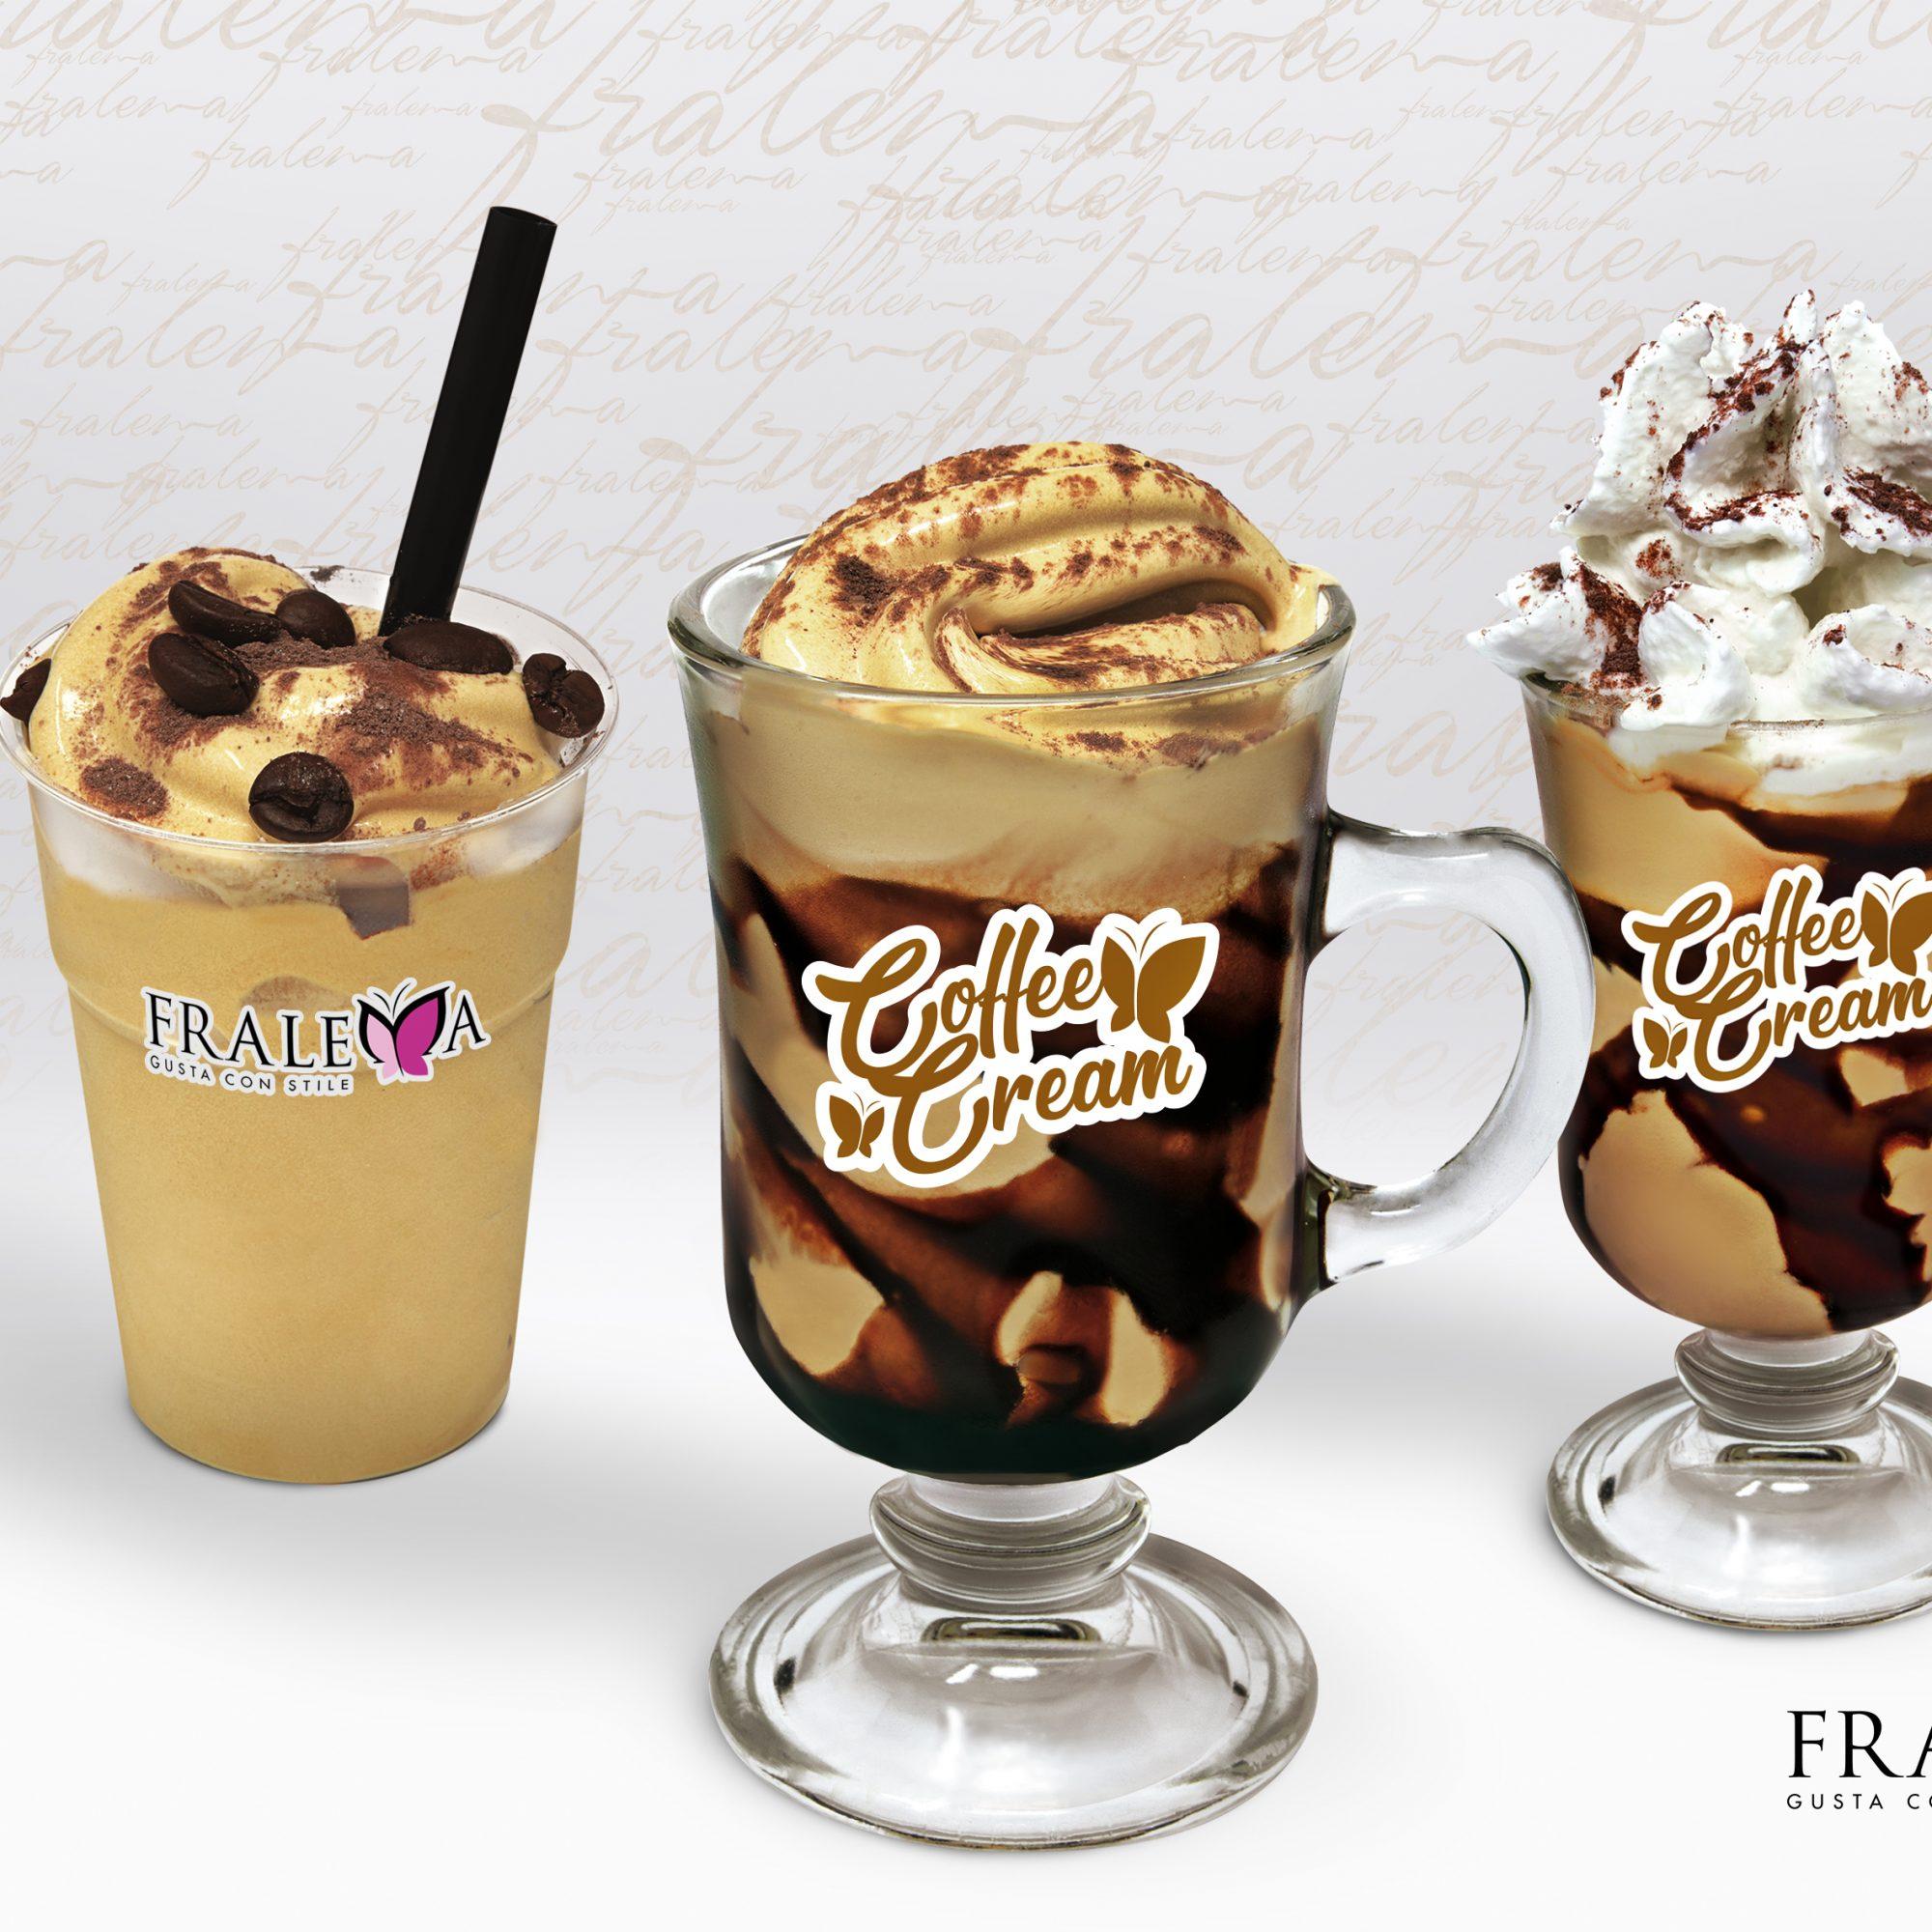 fralema_prodotti per la caffetteria_i freddi_coffee cream_crema di caffè_queen cream